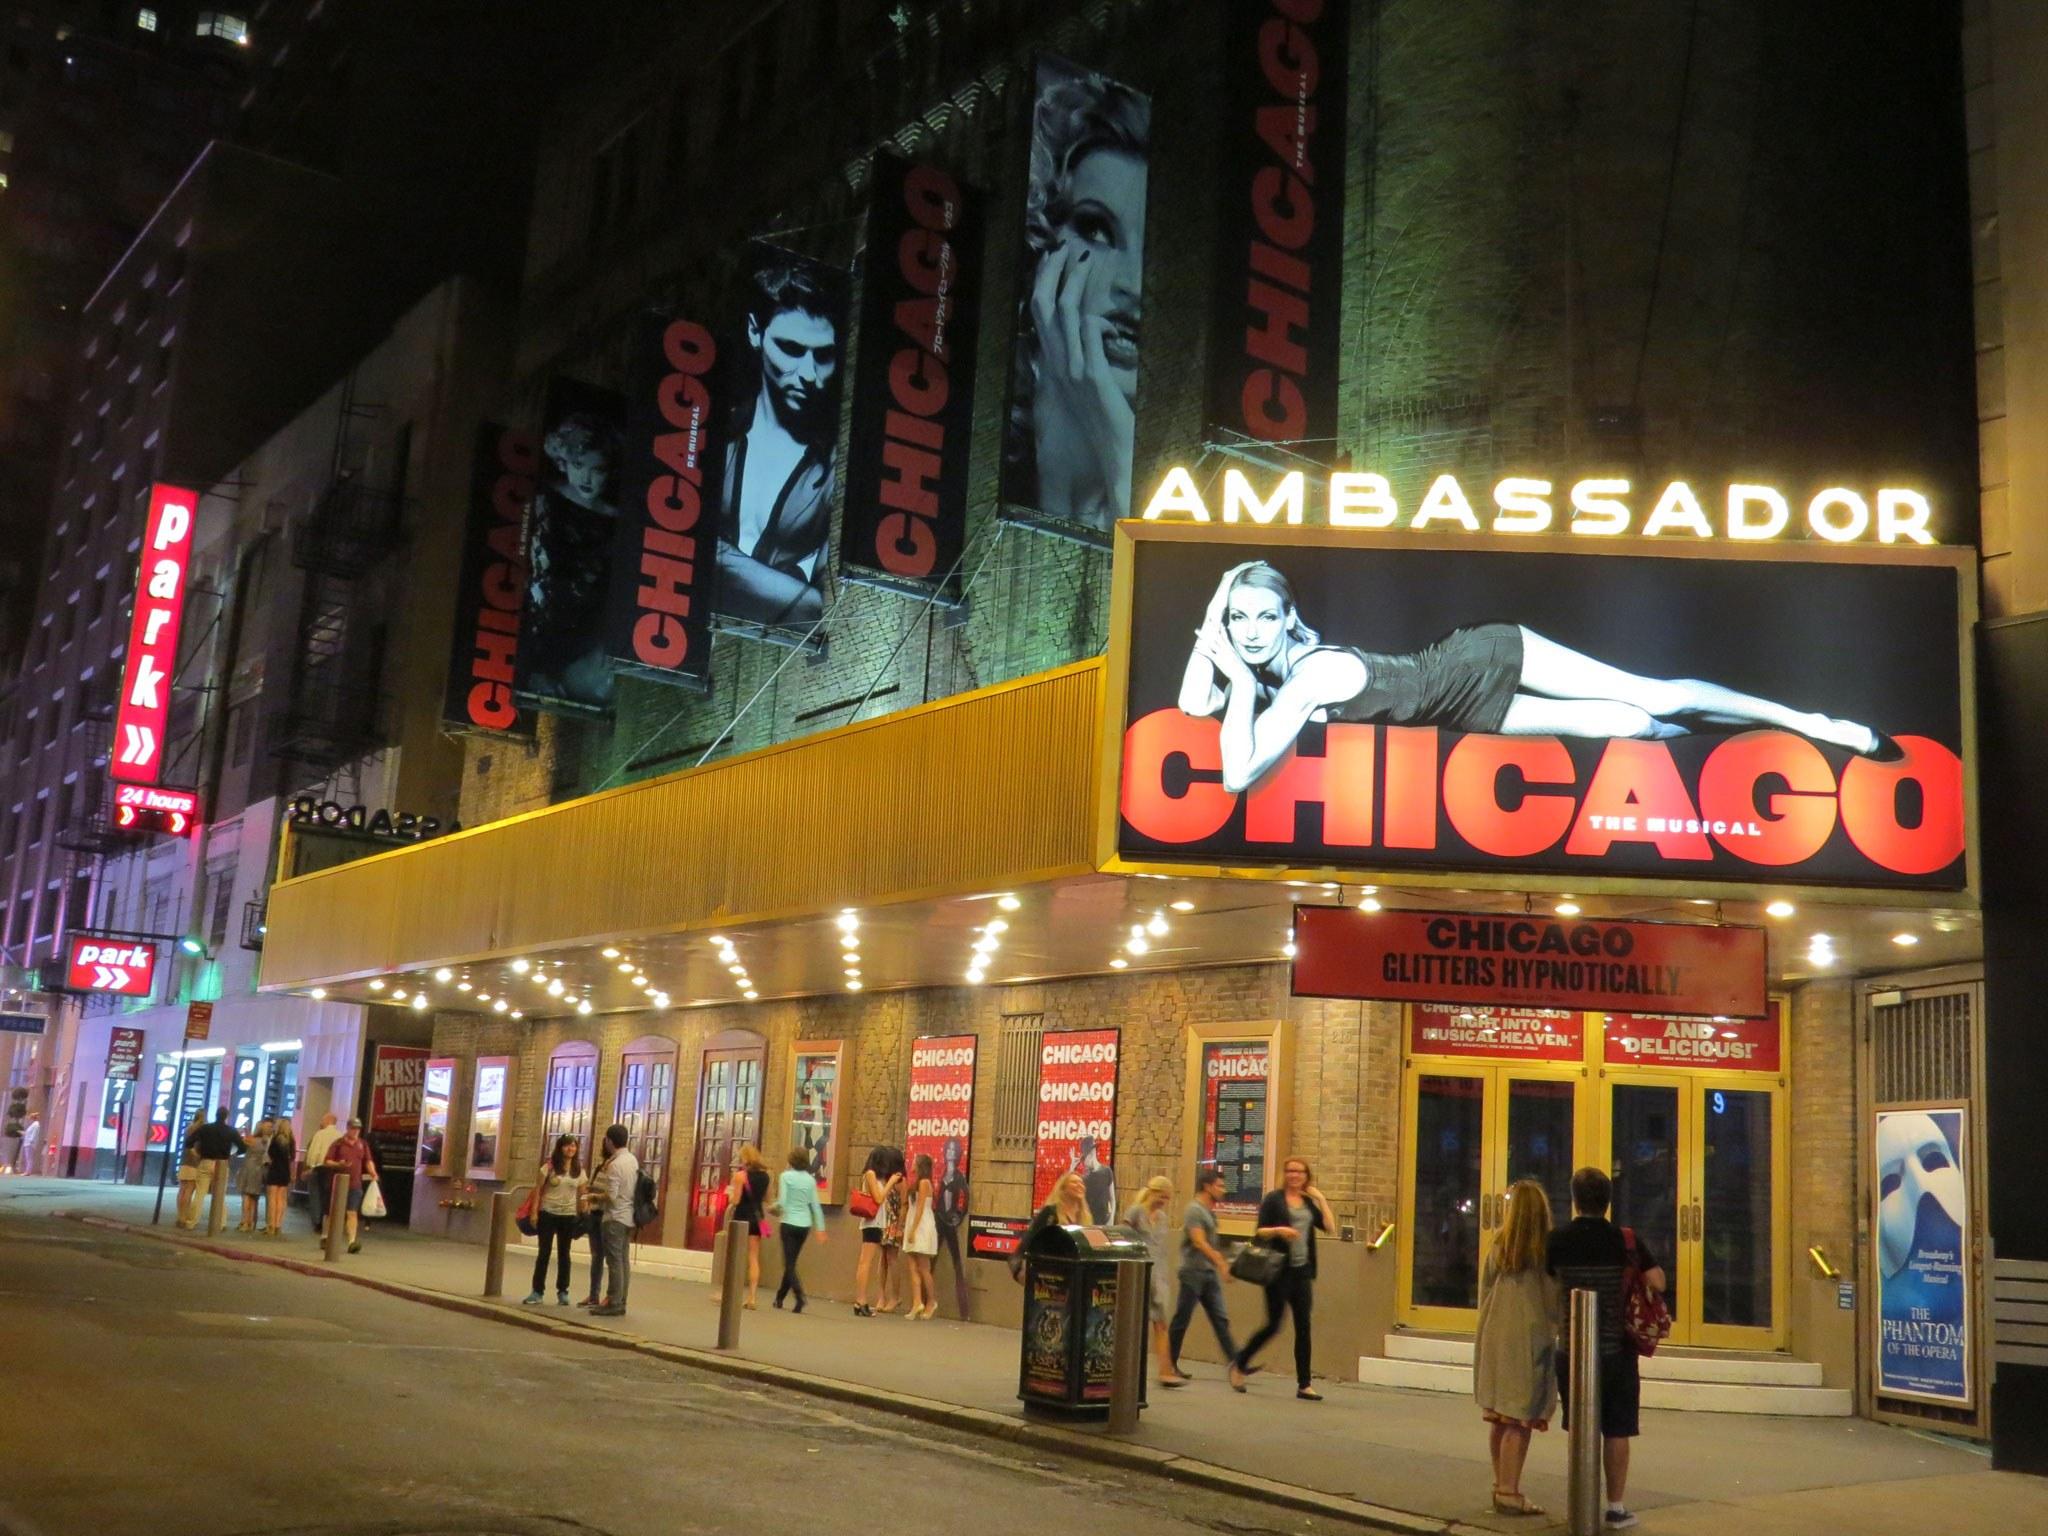 Chicago at Ambassador Theatre